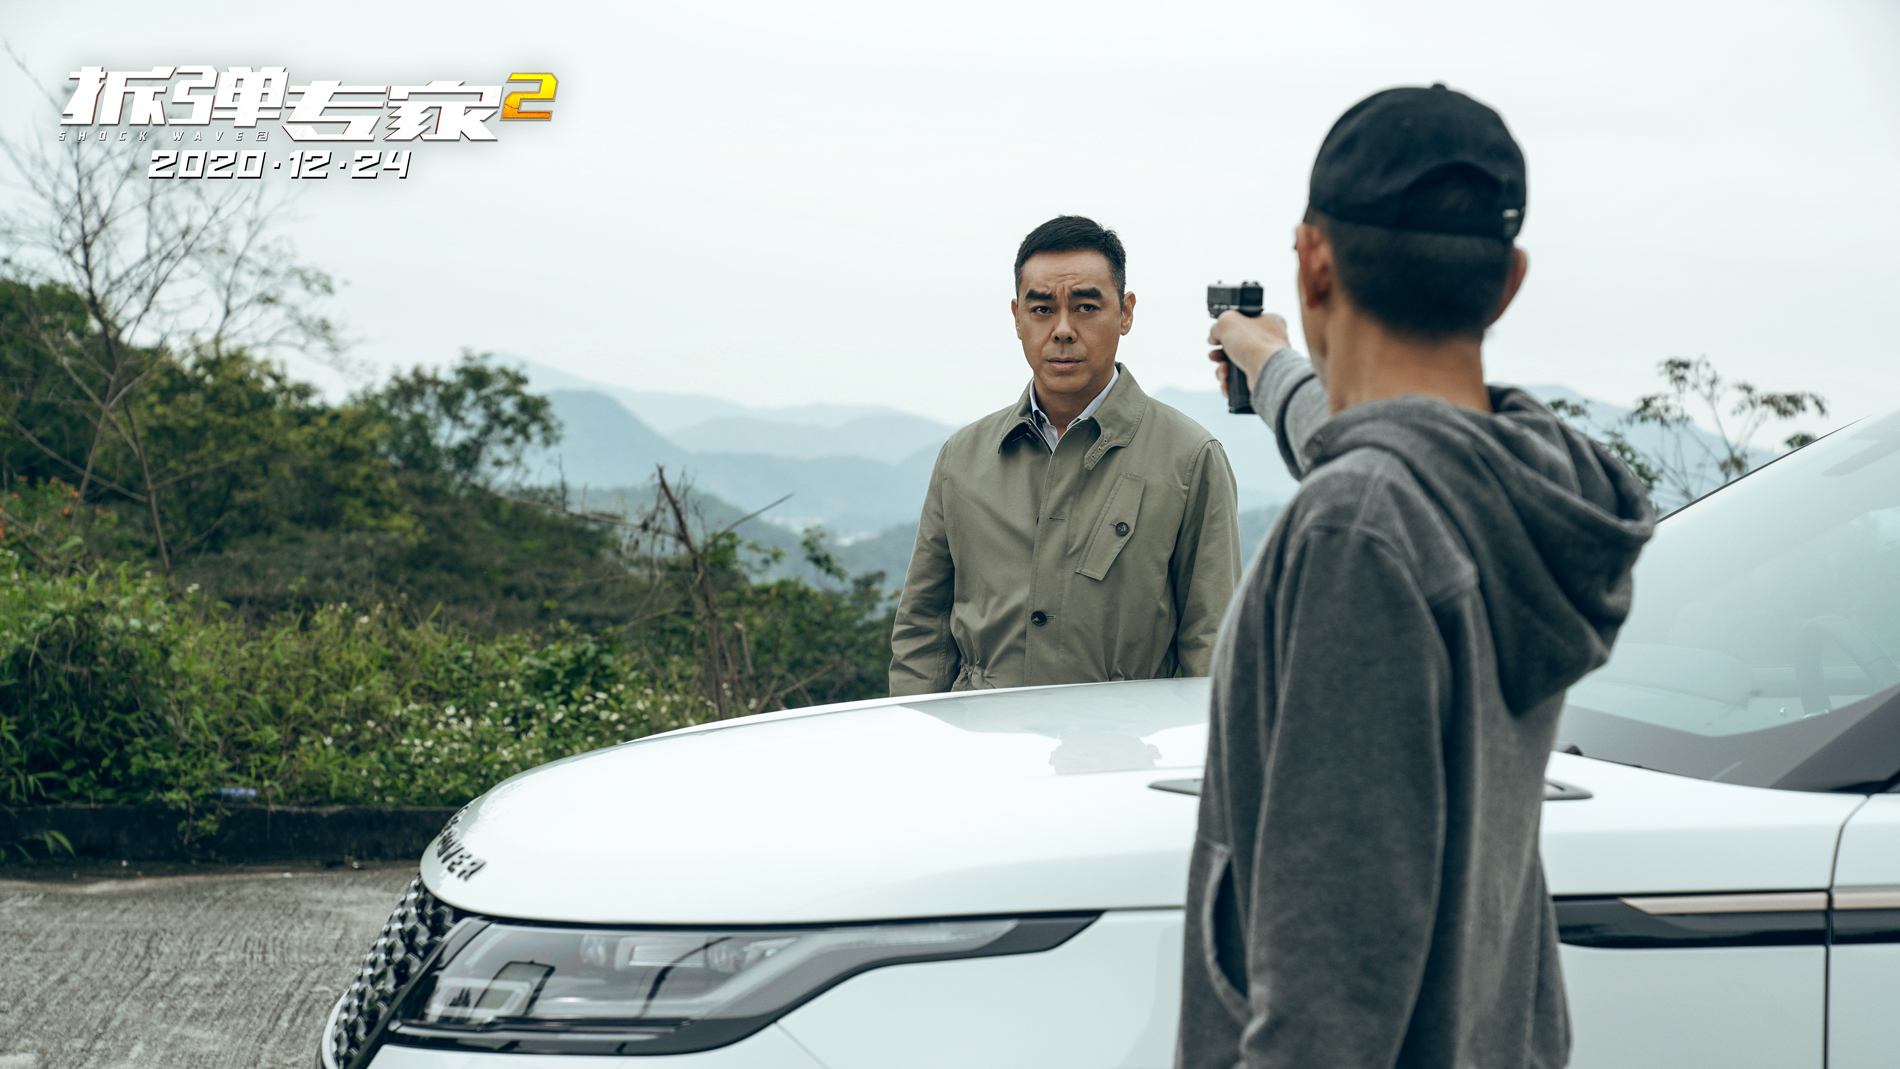 《拆弹专家2》刘德华新角色成谜 遭刘青云追捕被倪妮保护